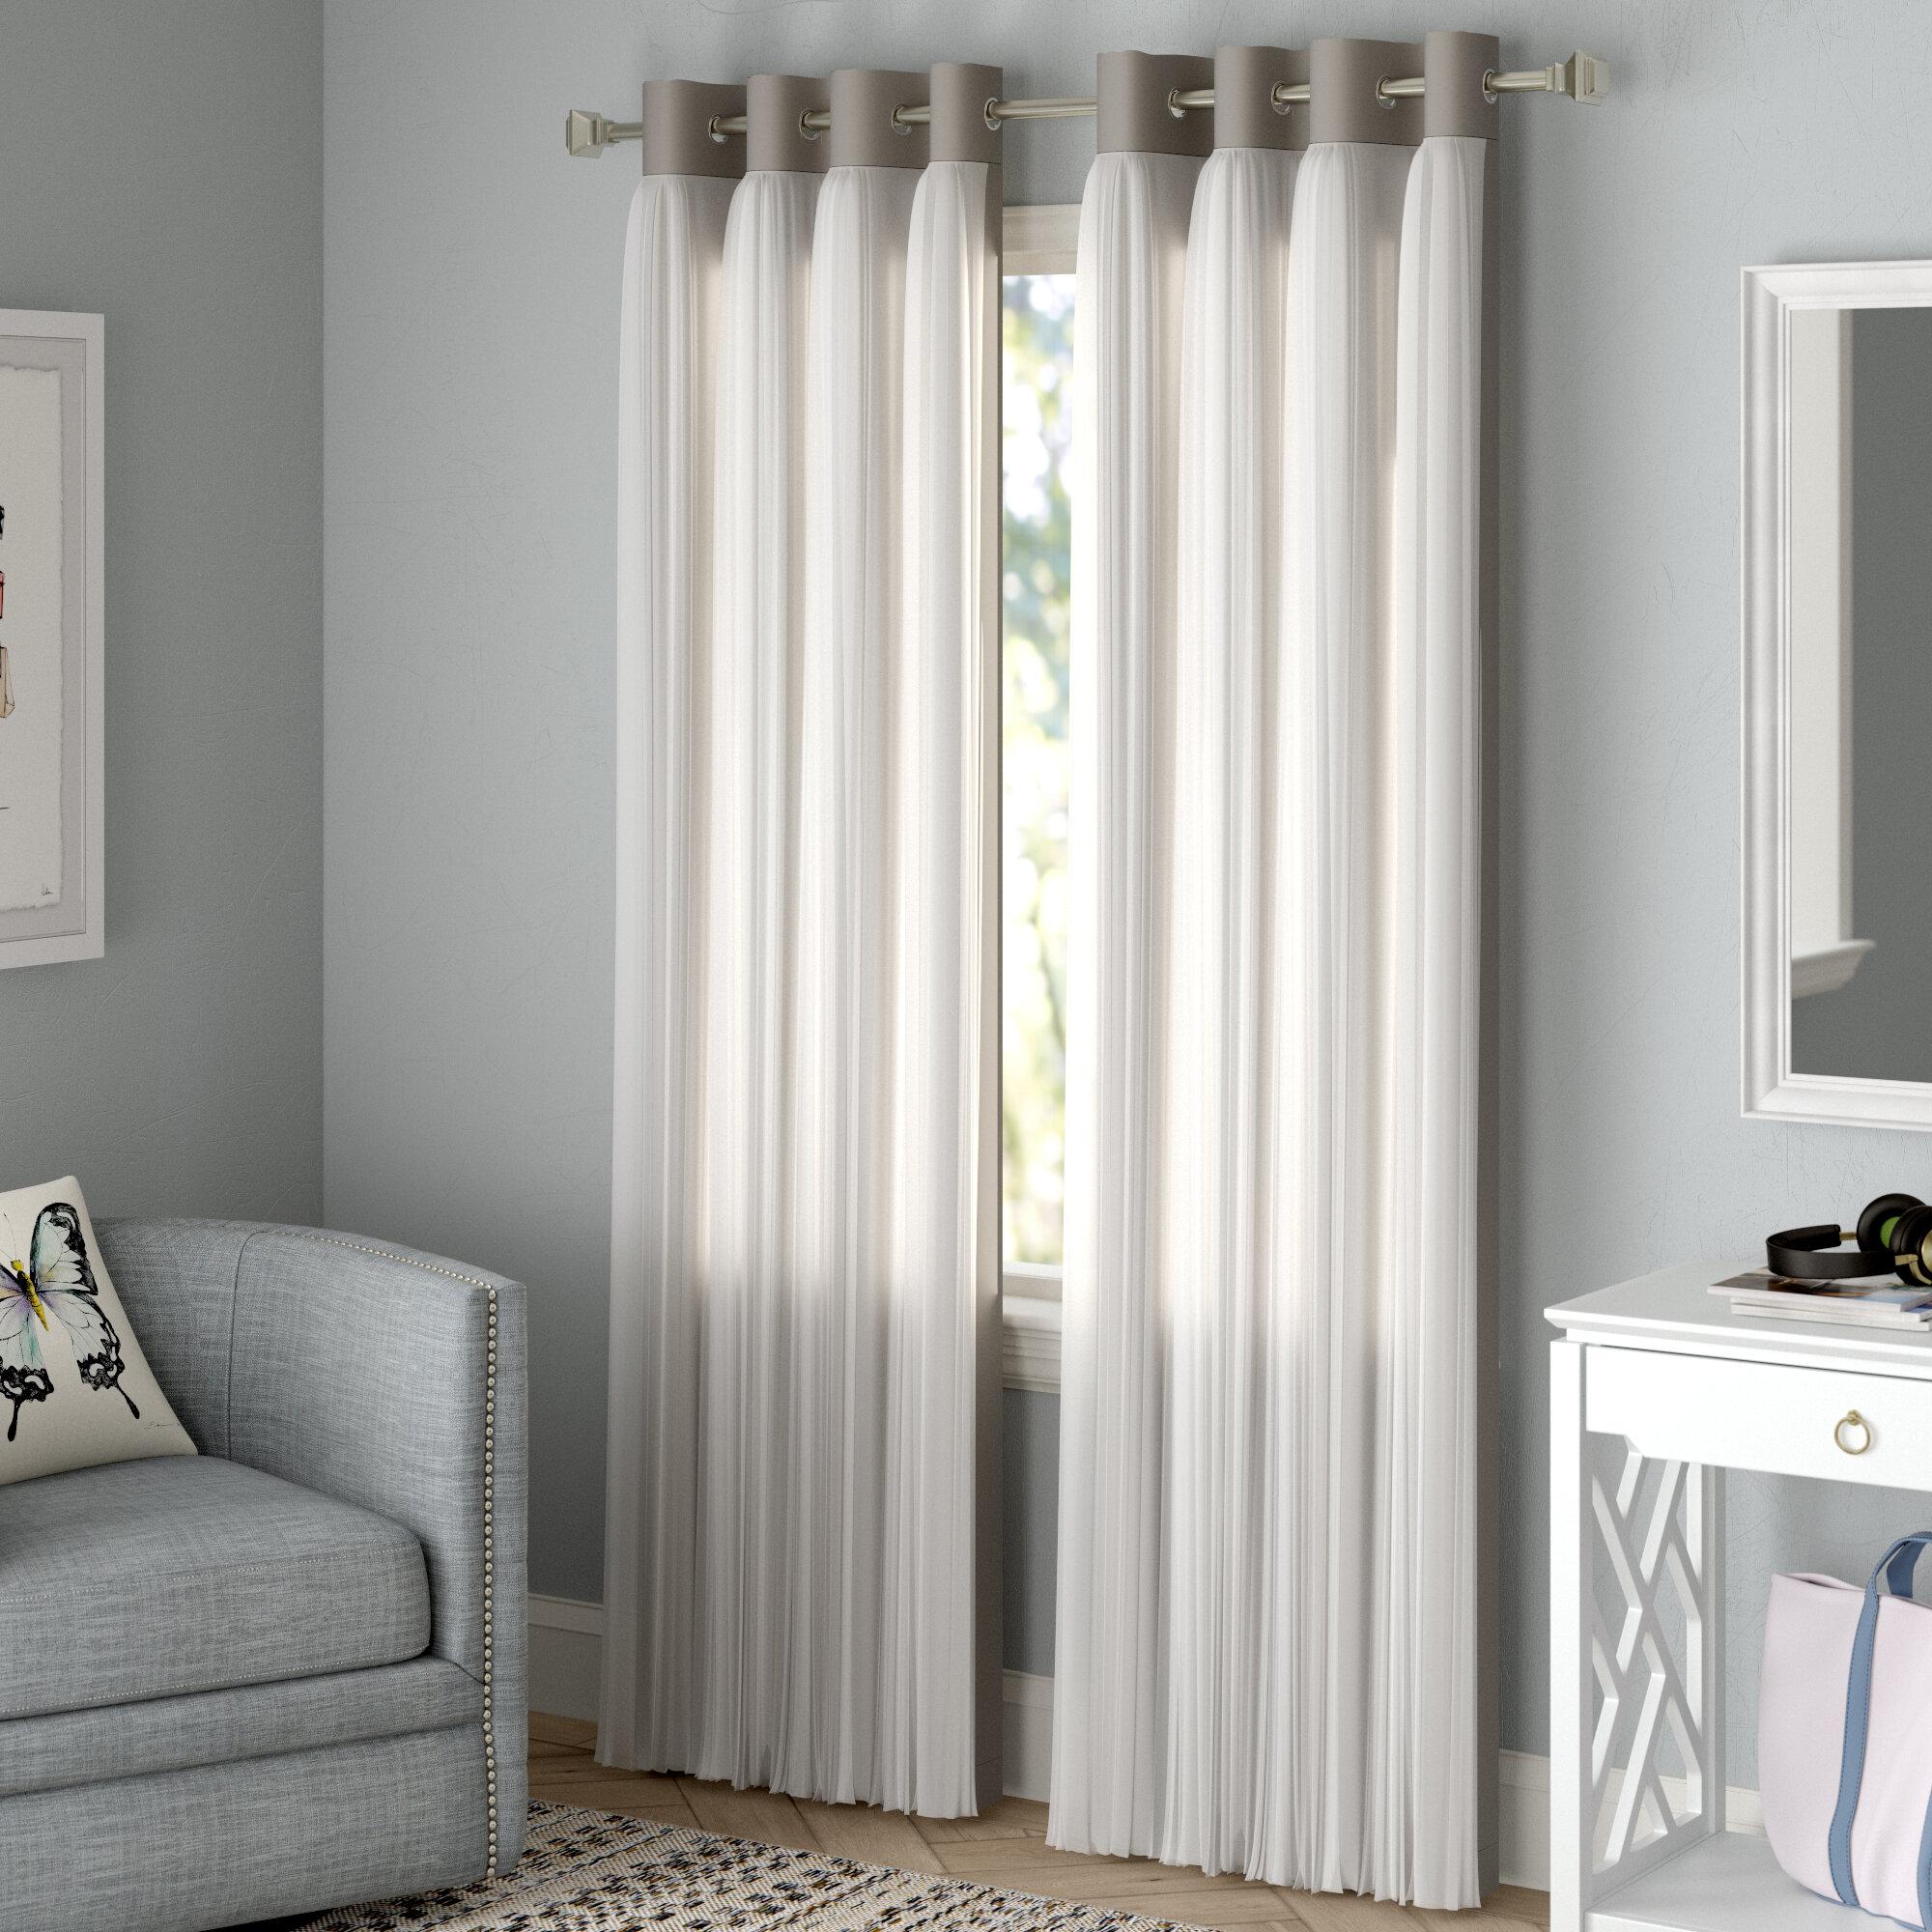 Brockham Solid Blackout Thermal Grommet Curtain Panels for Grommet Curtain Panels (Image 6 of 20)